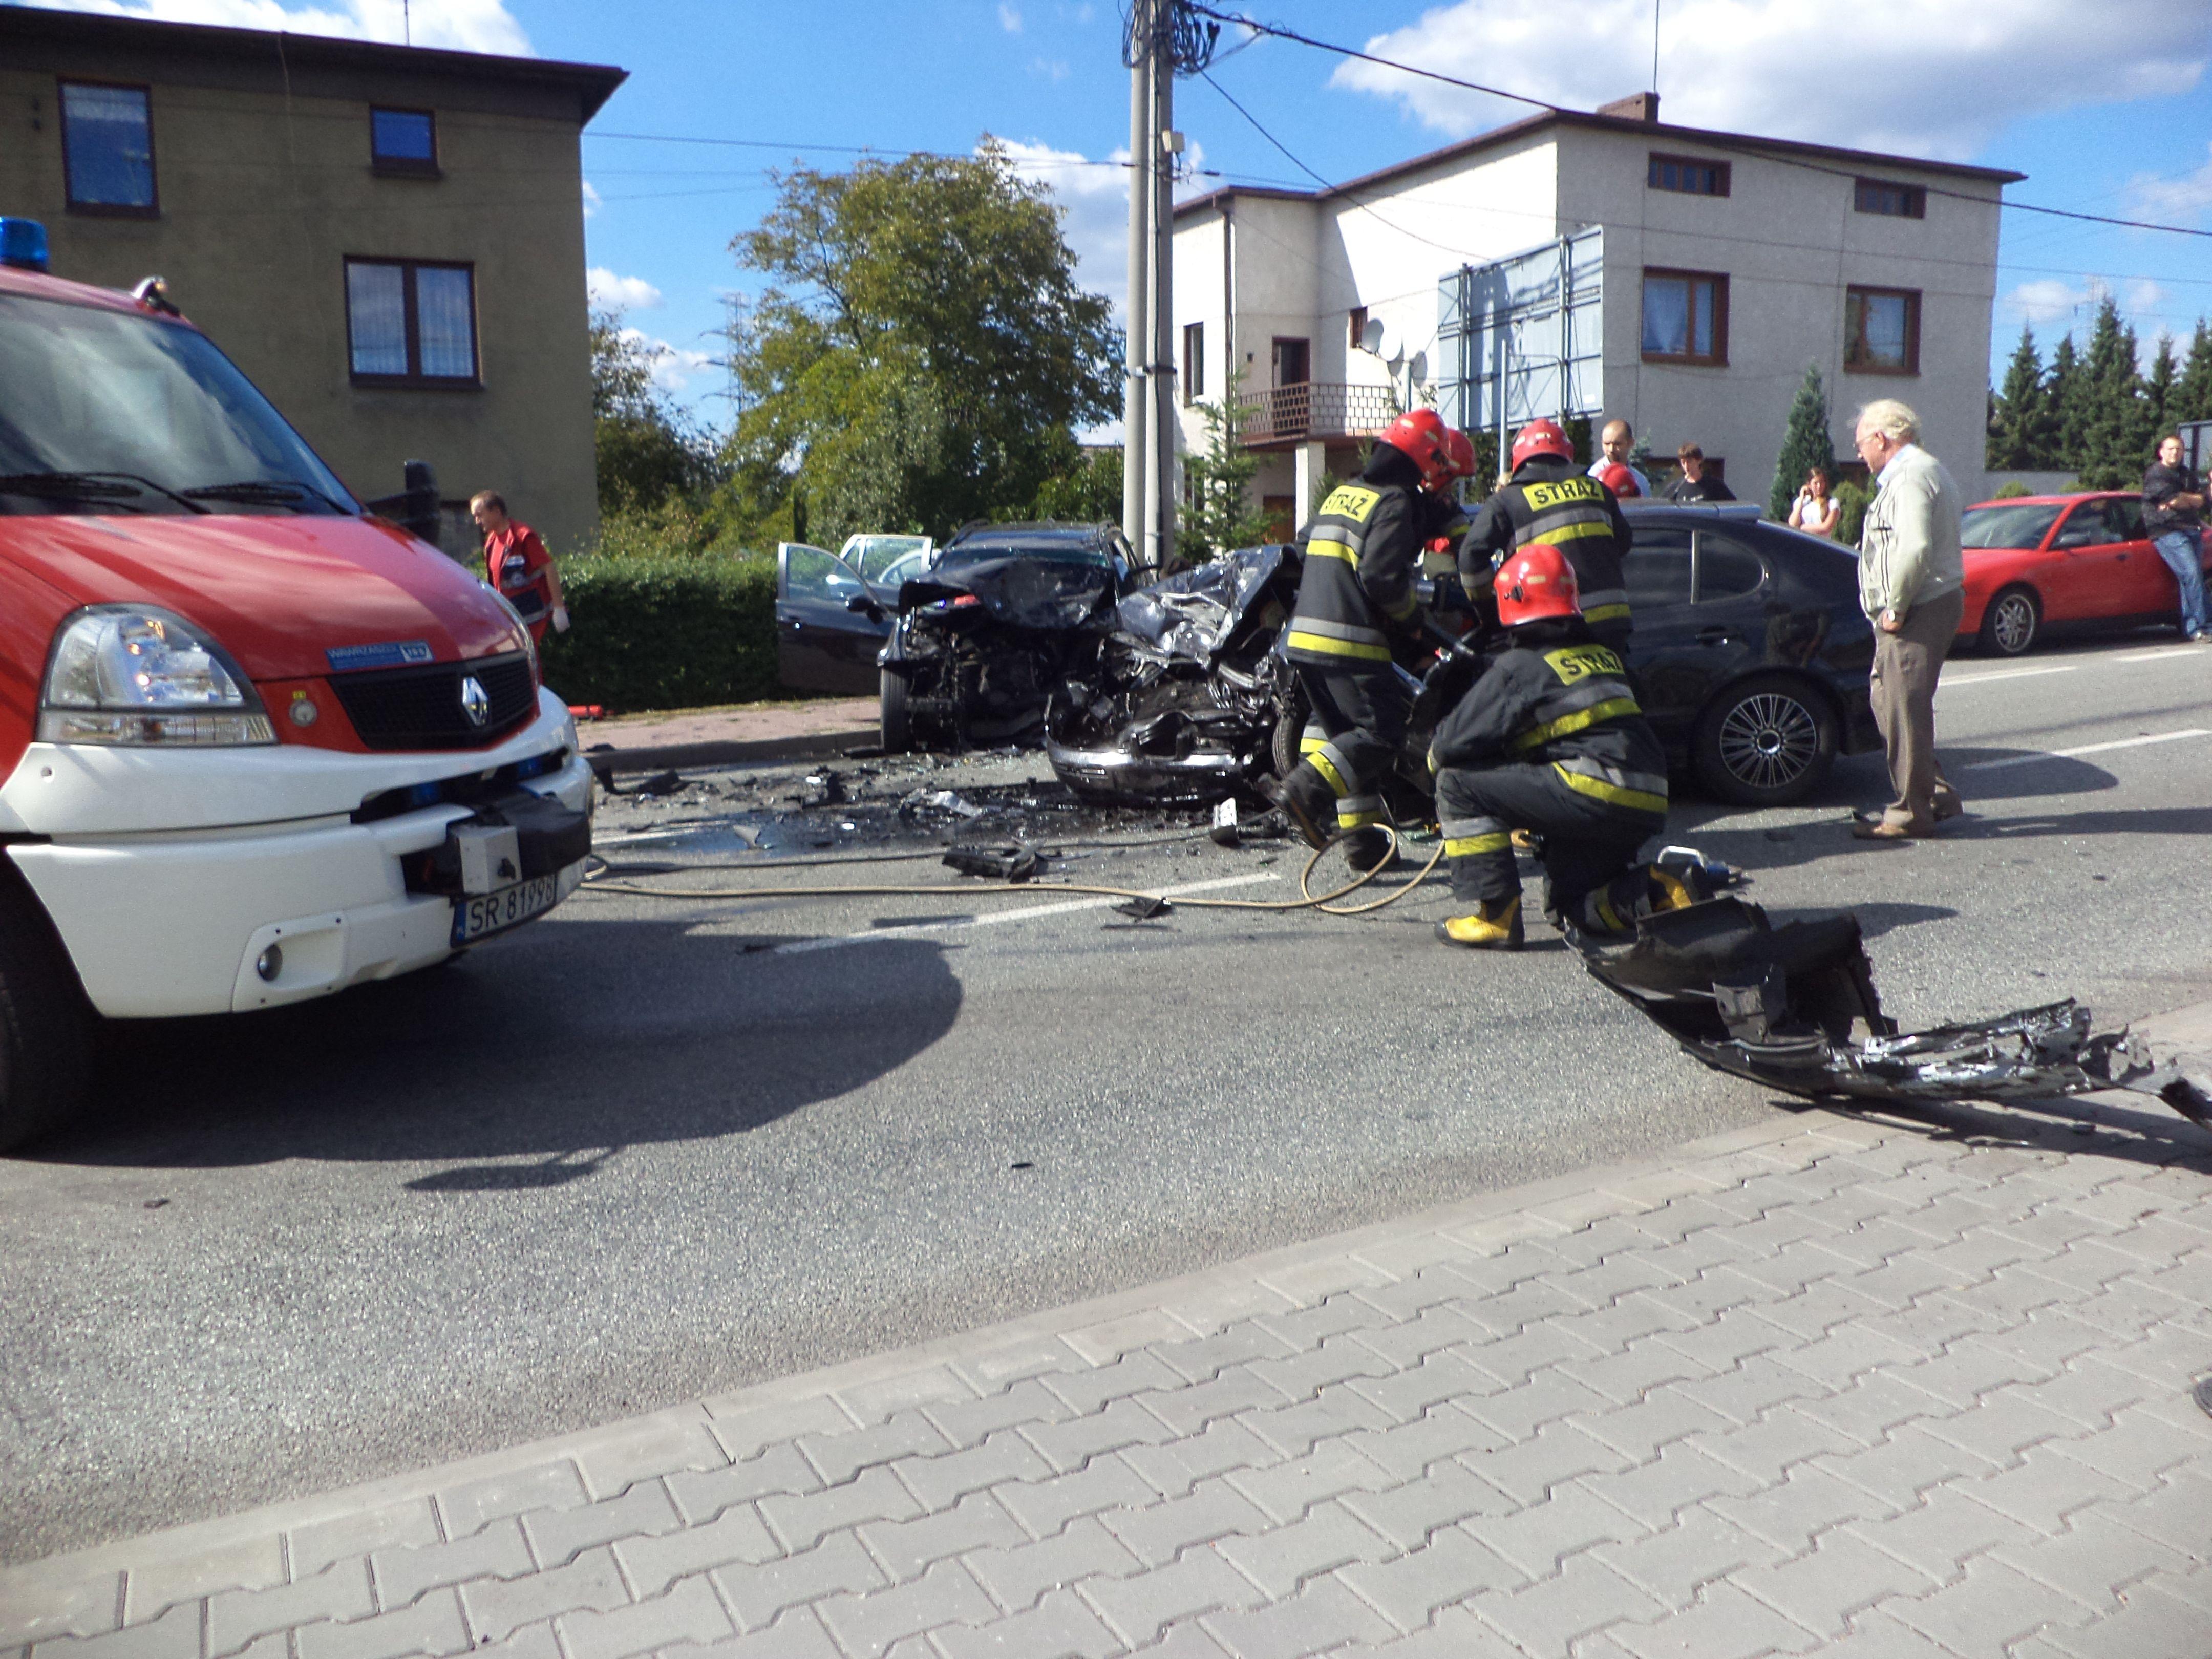 Zdjęcie z wypadku przy ul. Gliwickiej nadesłał nam jeden z naszych czytelników